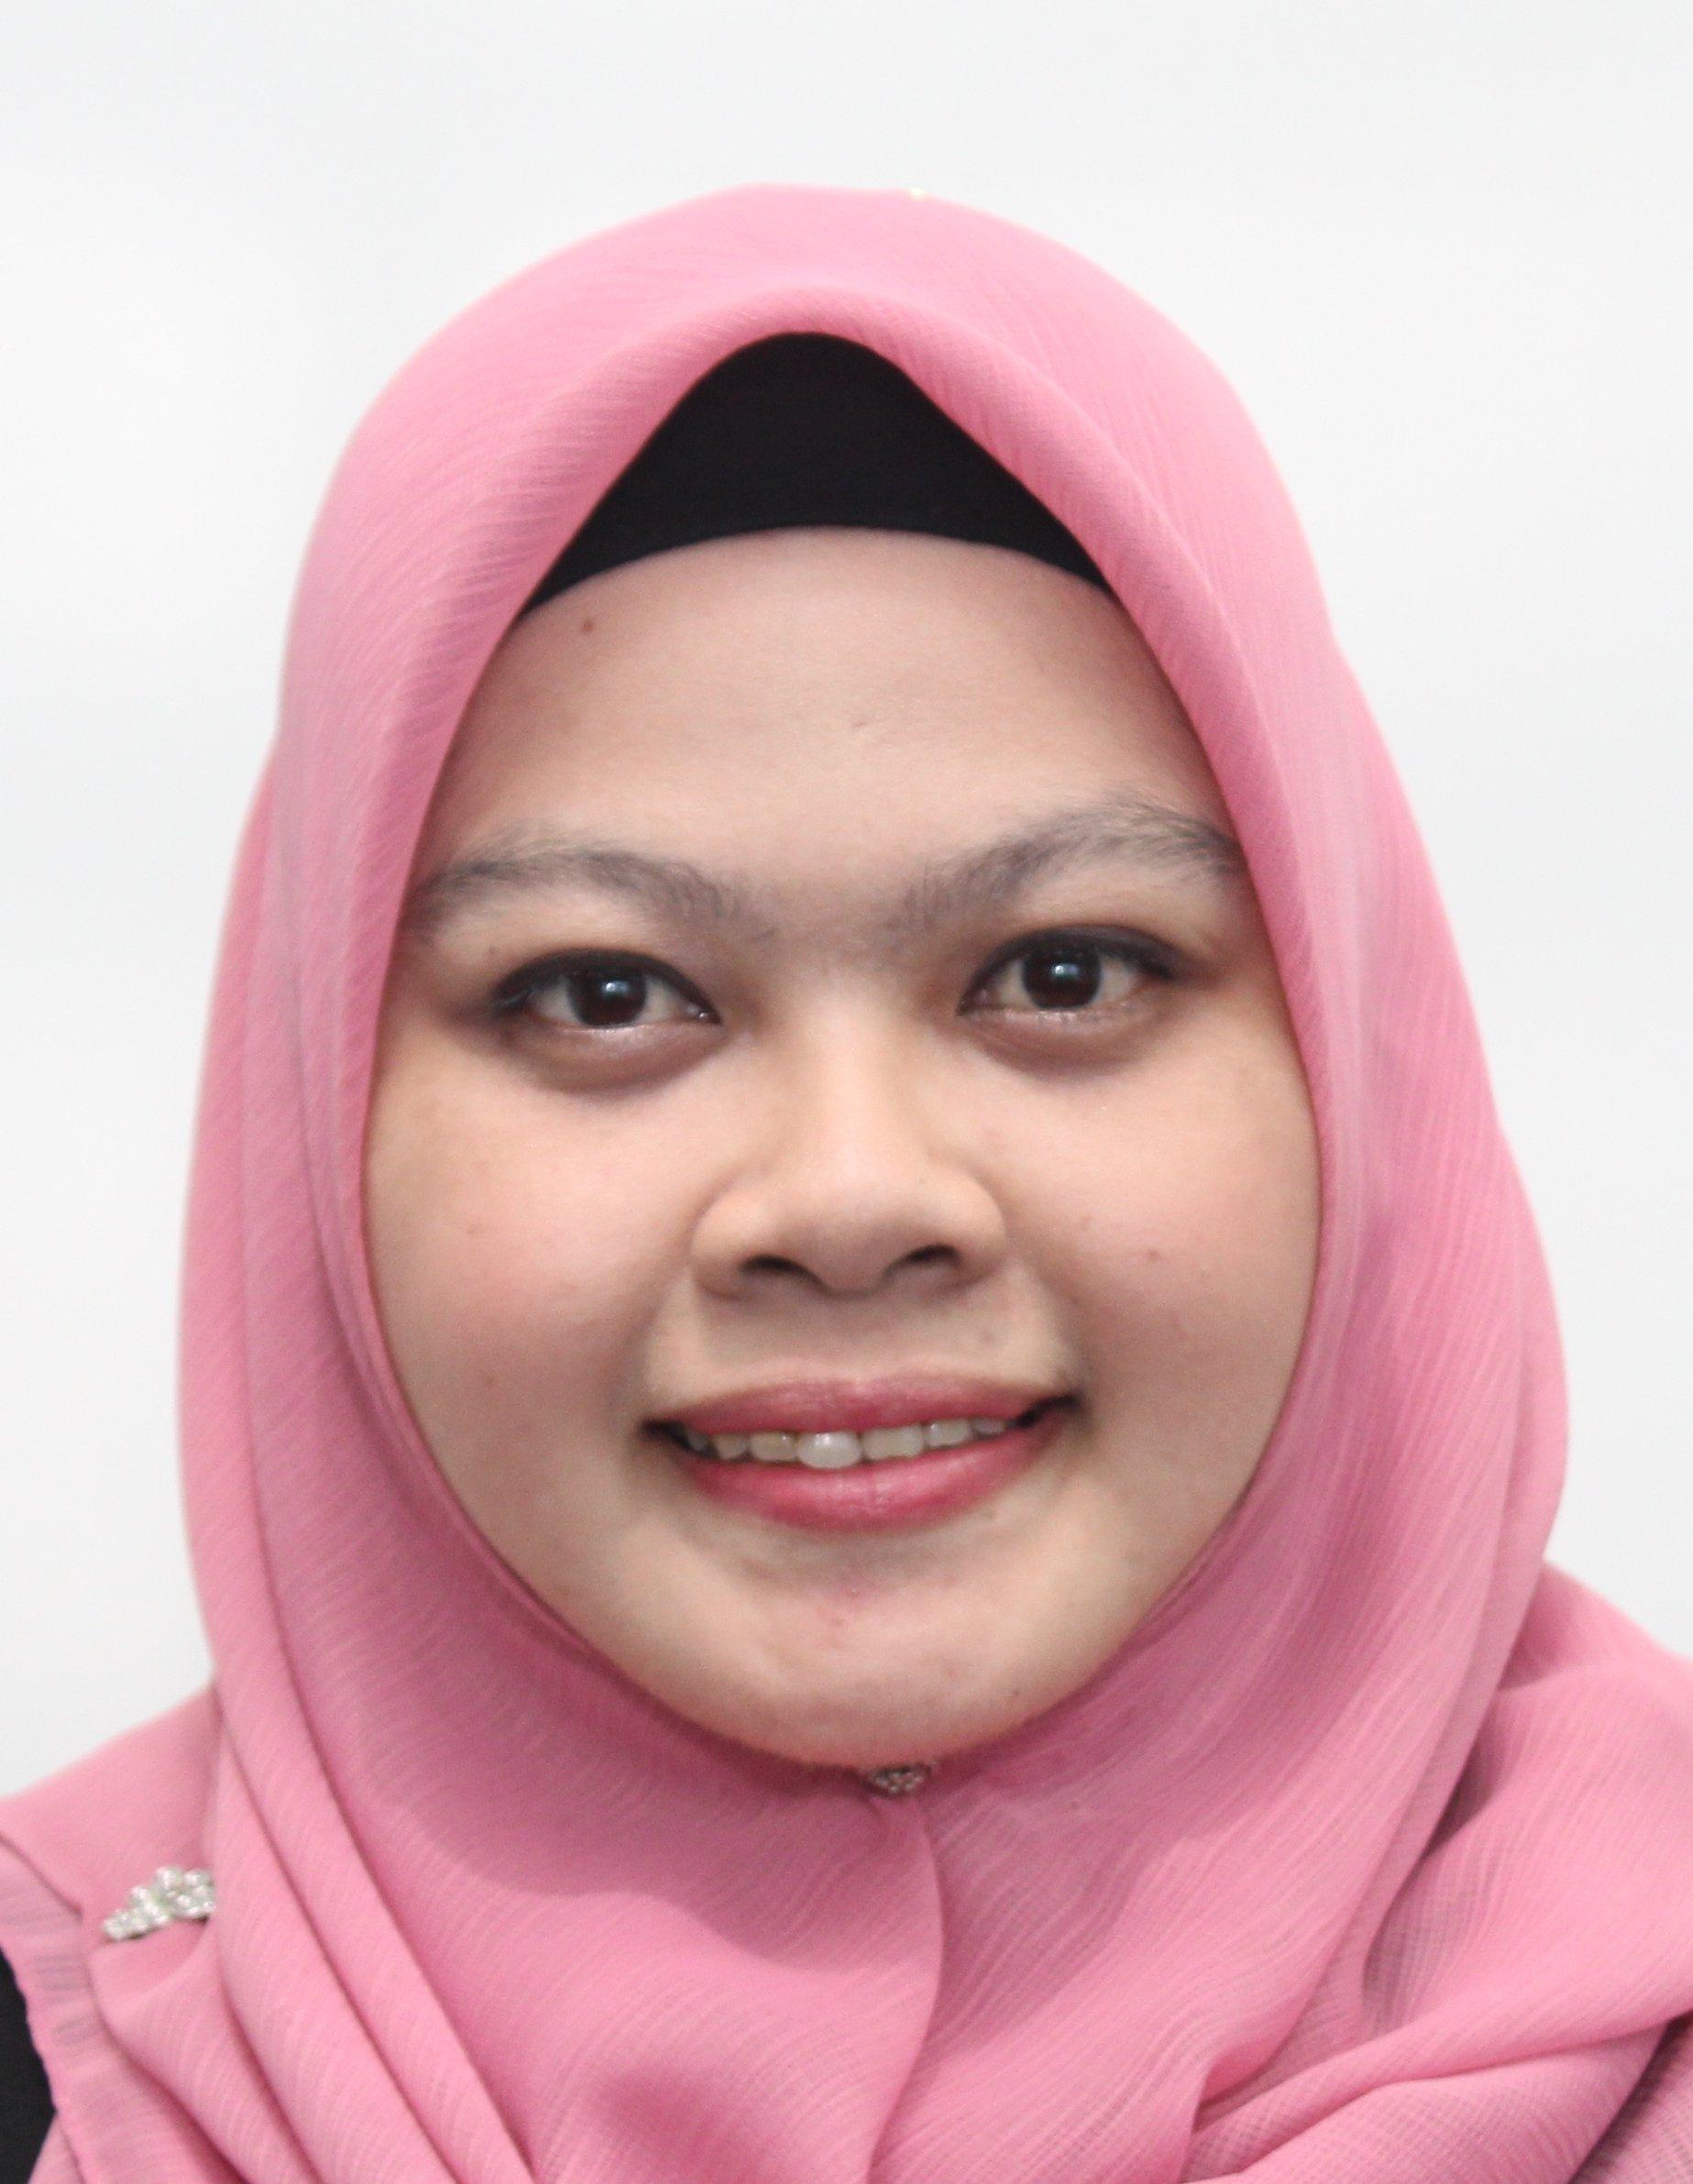 Fatin Nadzirah Binti Ekhwan